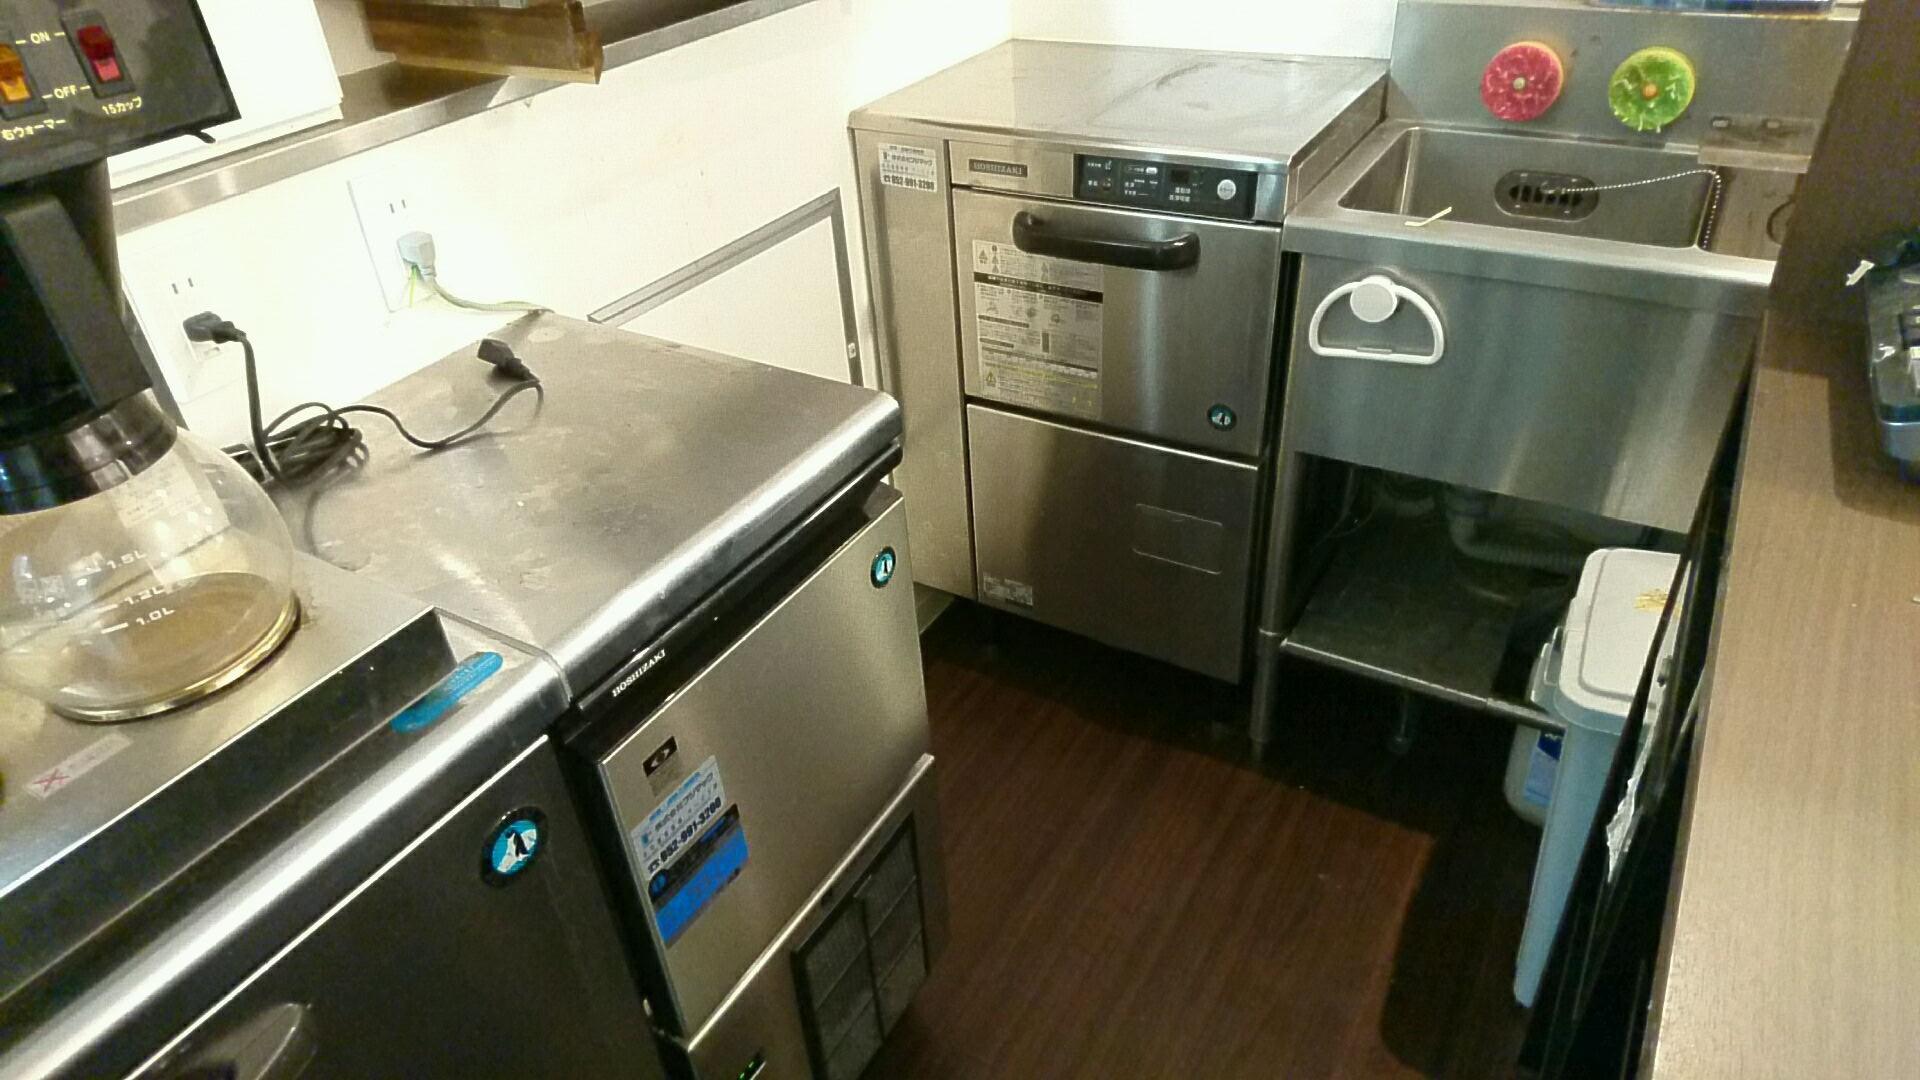 【愛知県名古屋市熱田区】業務用製氷機と食洗器の出張買取り